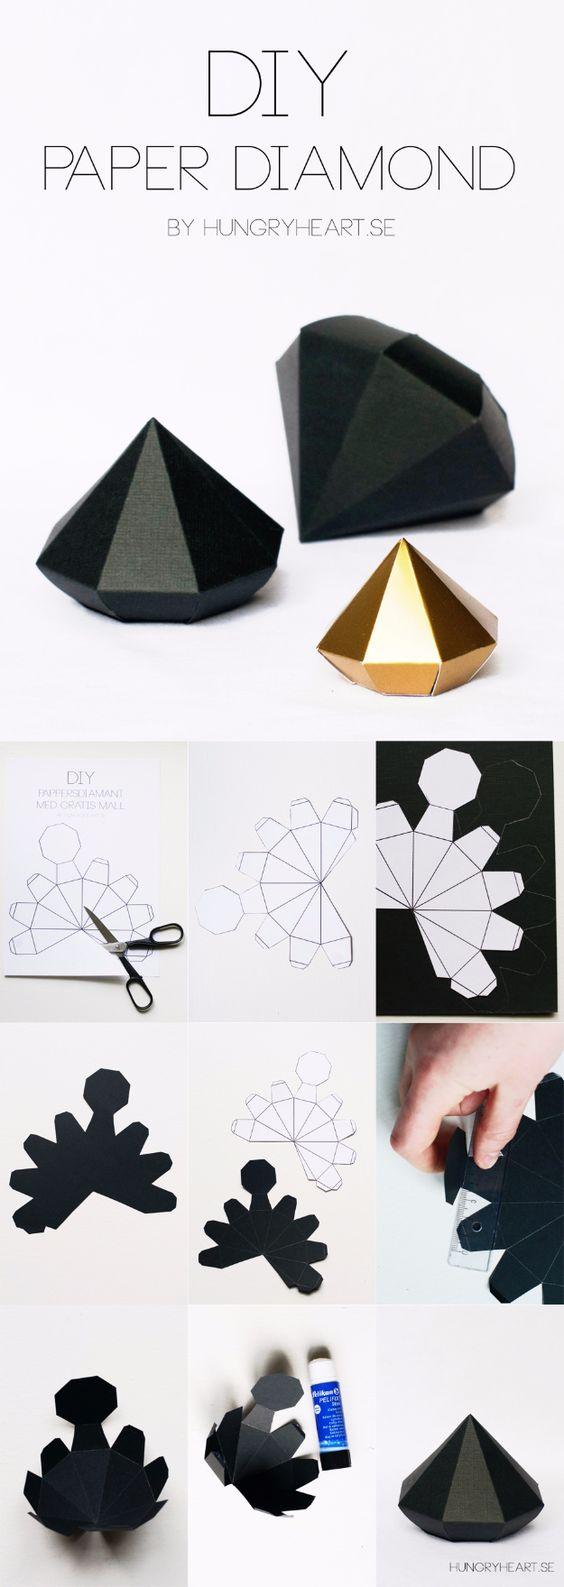 caja diamante manualidades paso a paso DIY gifts